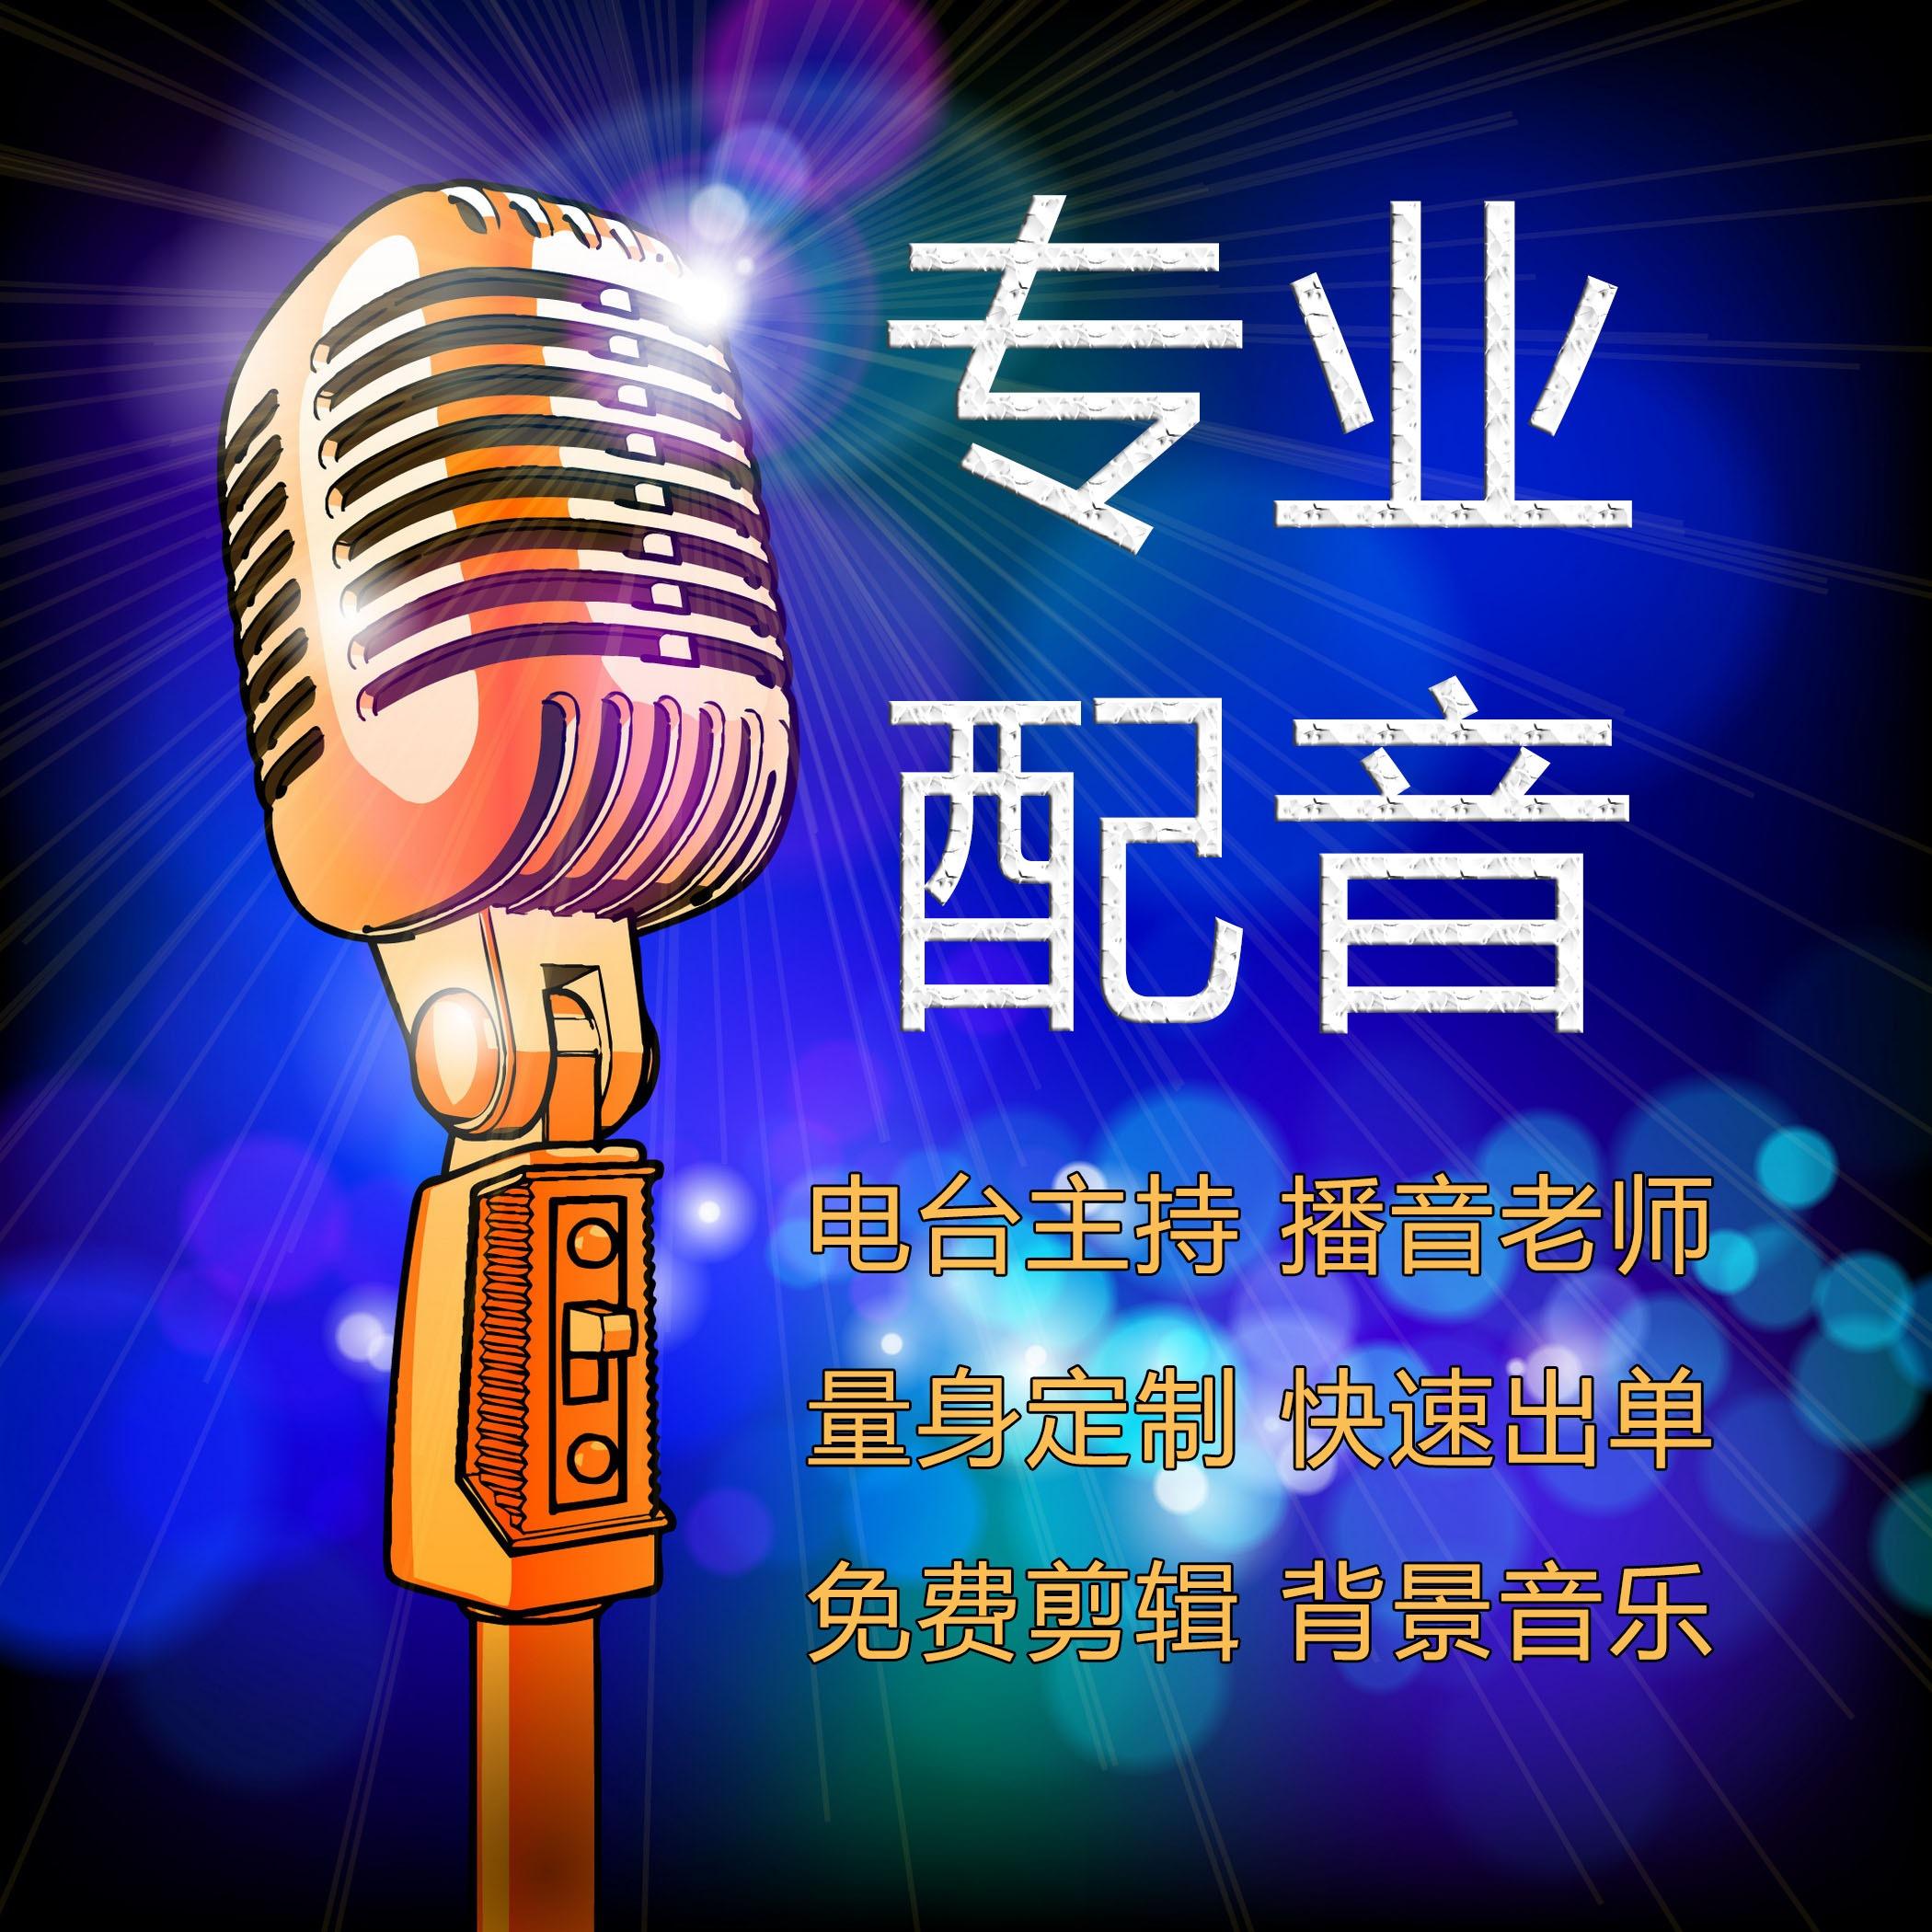 专业播音主持人配音/专题片宣传片广告促销/混音特效/音频剪辑